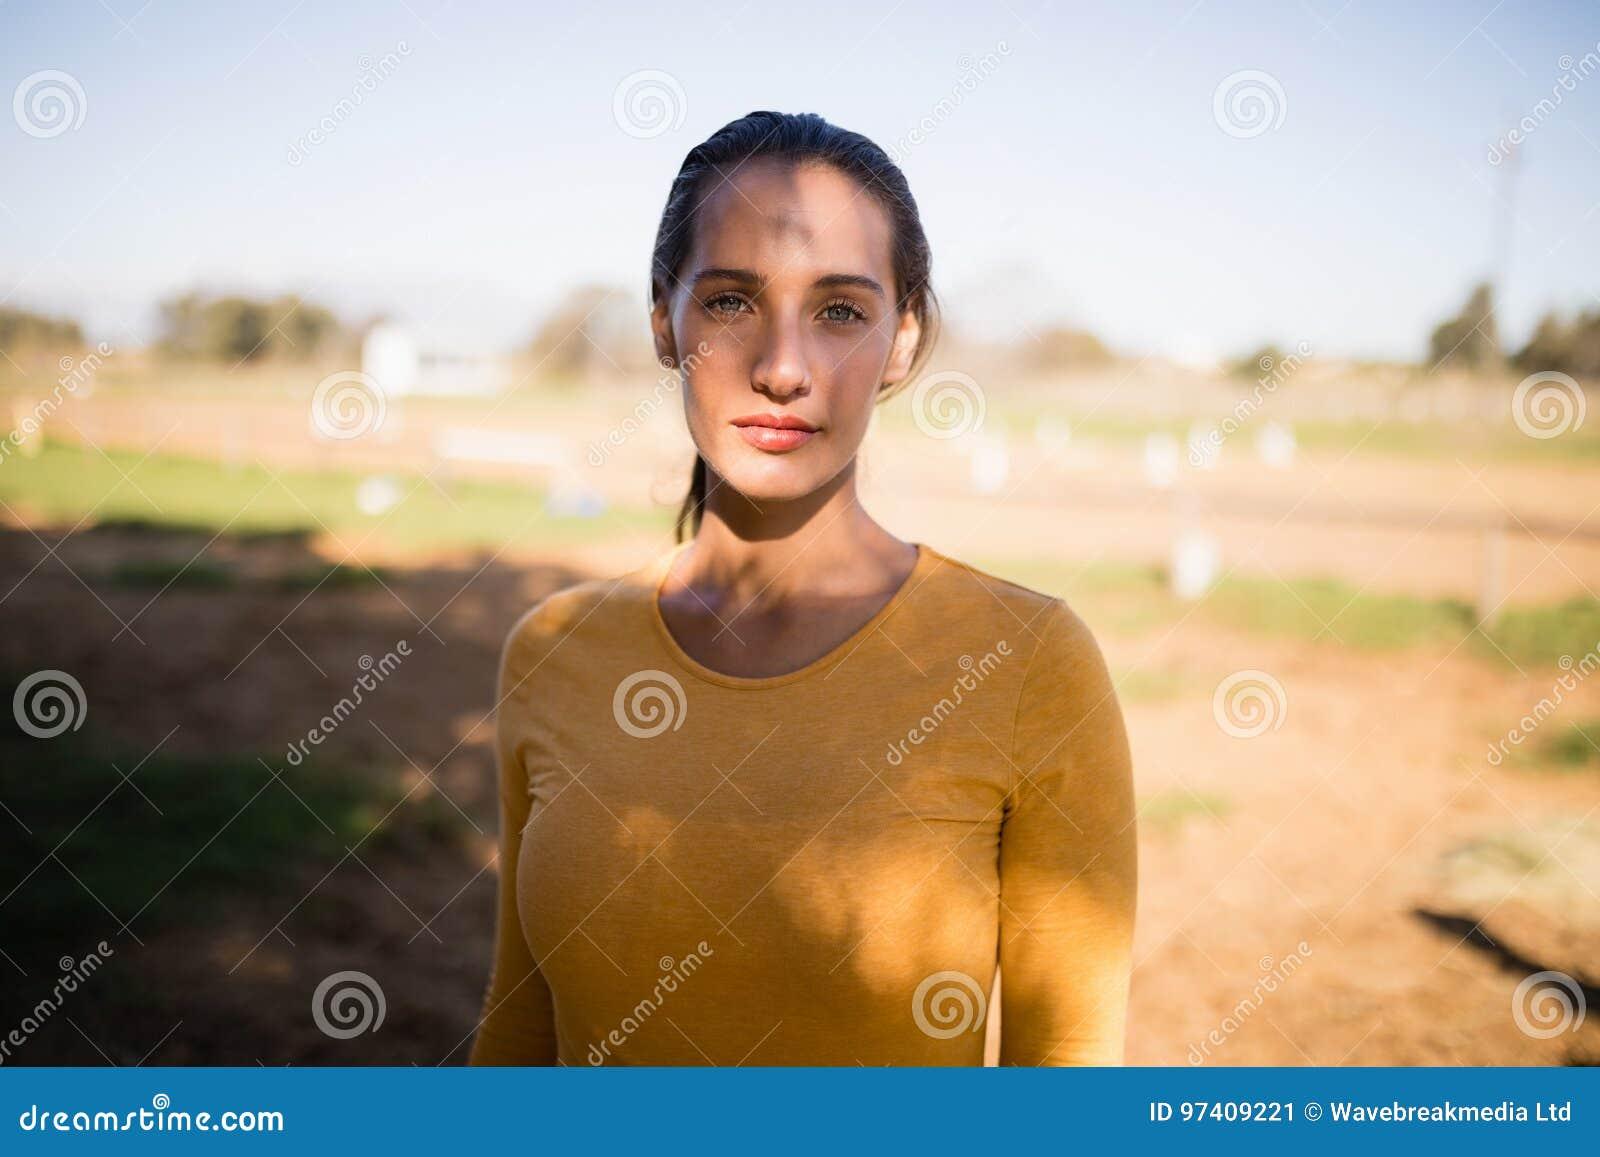 Portrait of serious female jockey standing on field